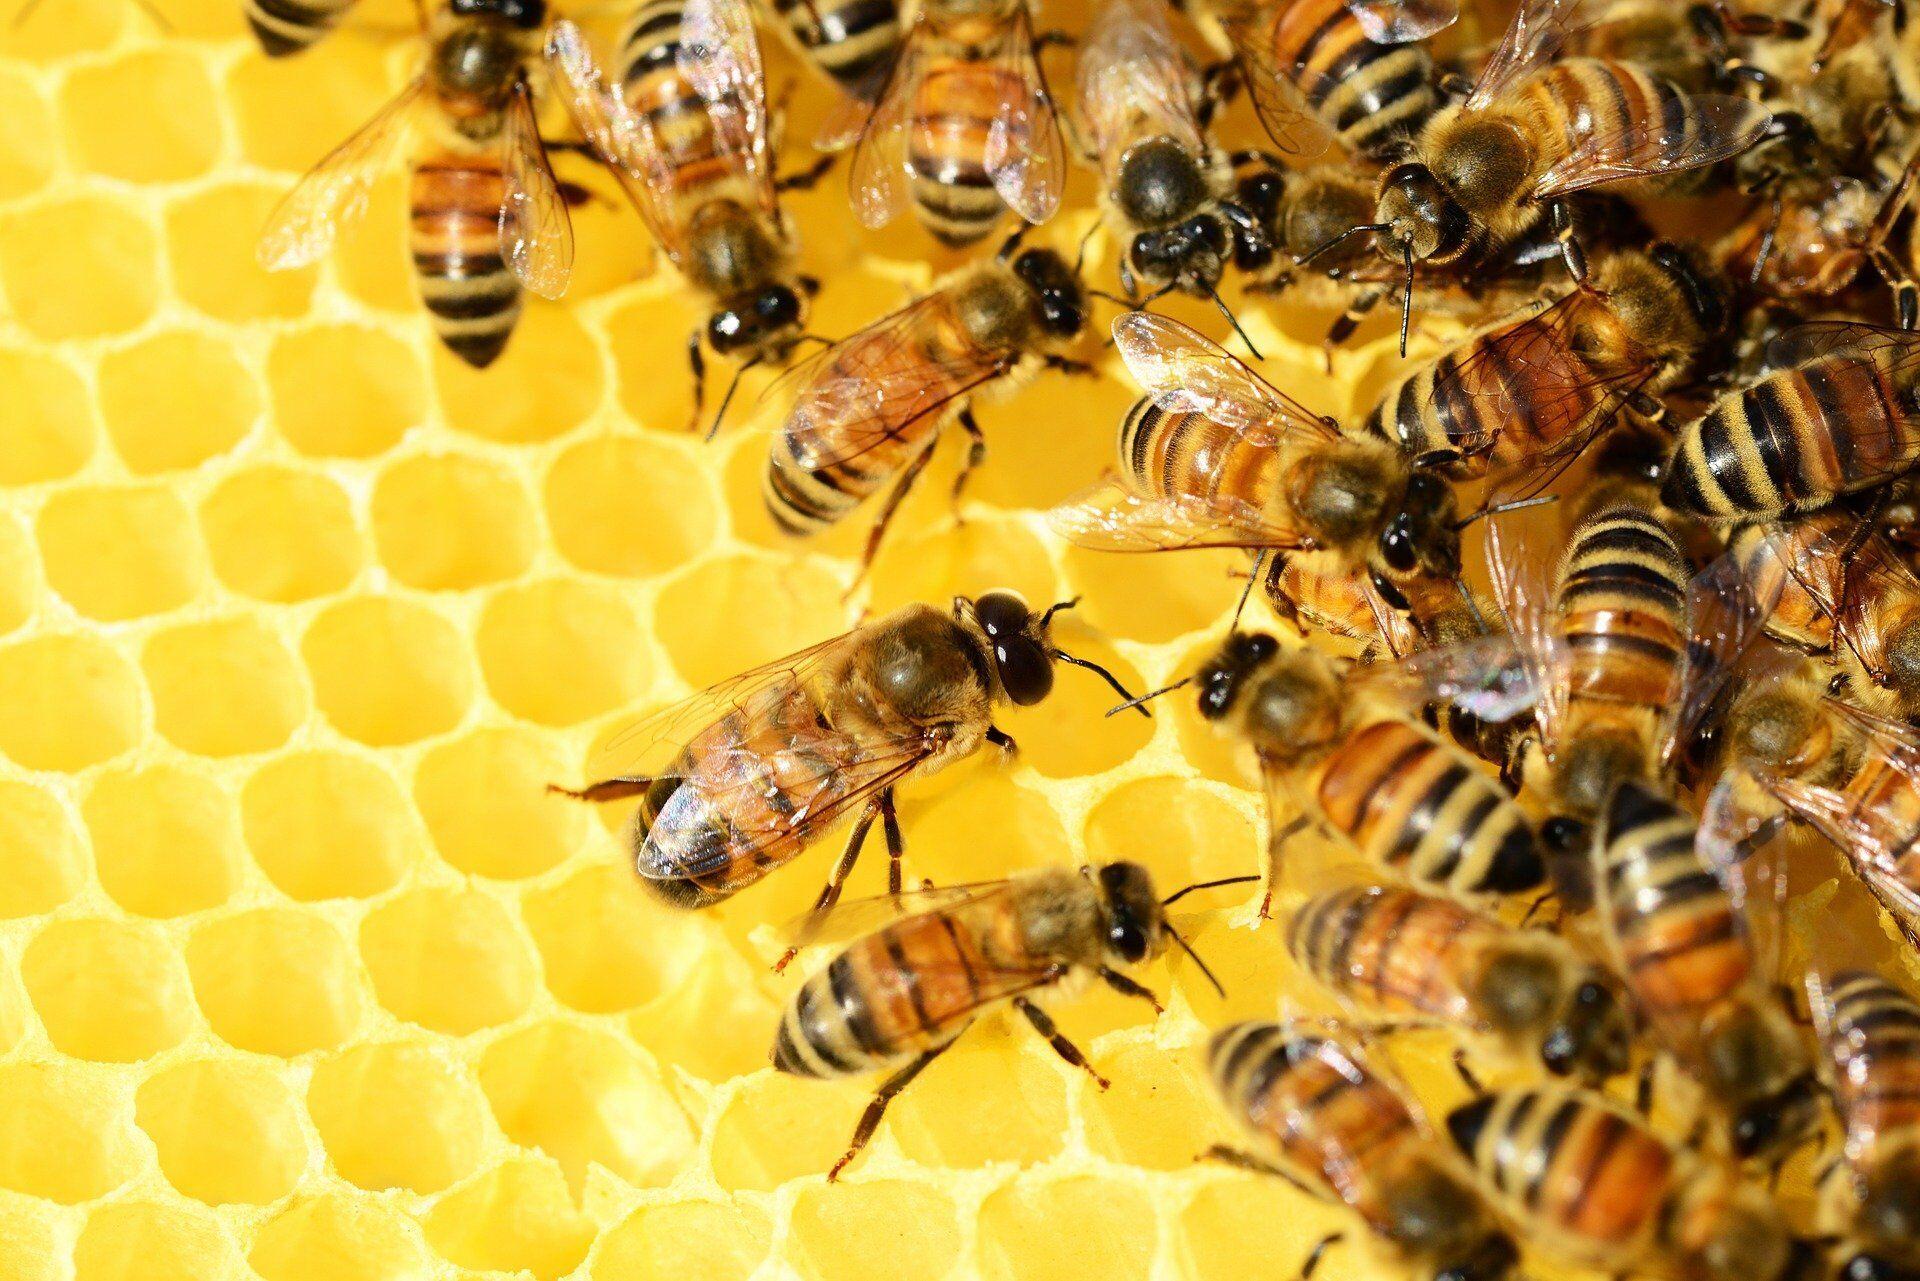 2 июля пчеловоды соблюдали особые традиции, чтобы сбор меда был удачным